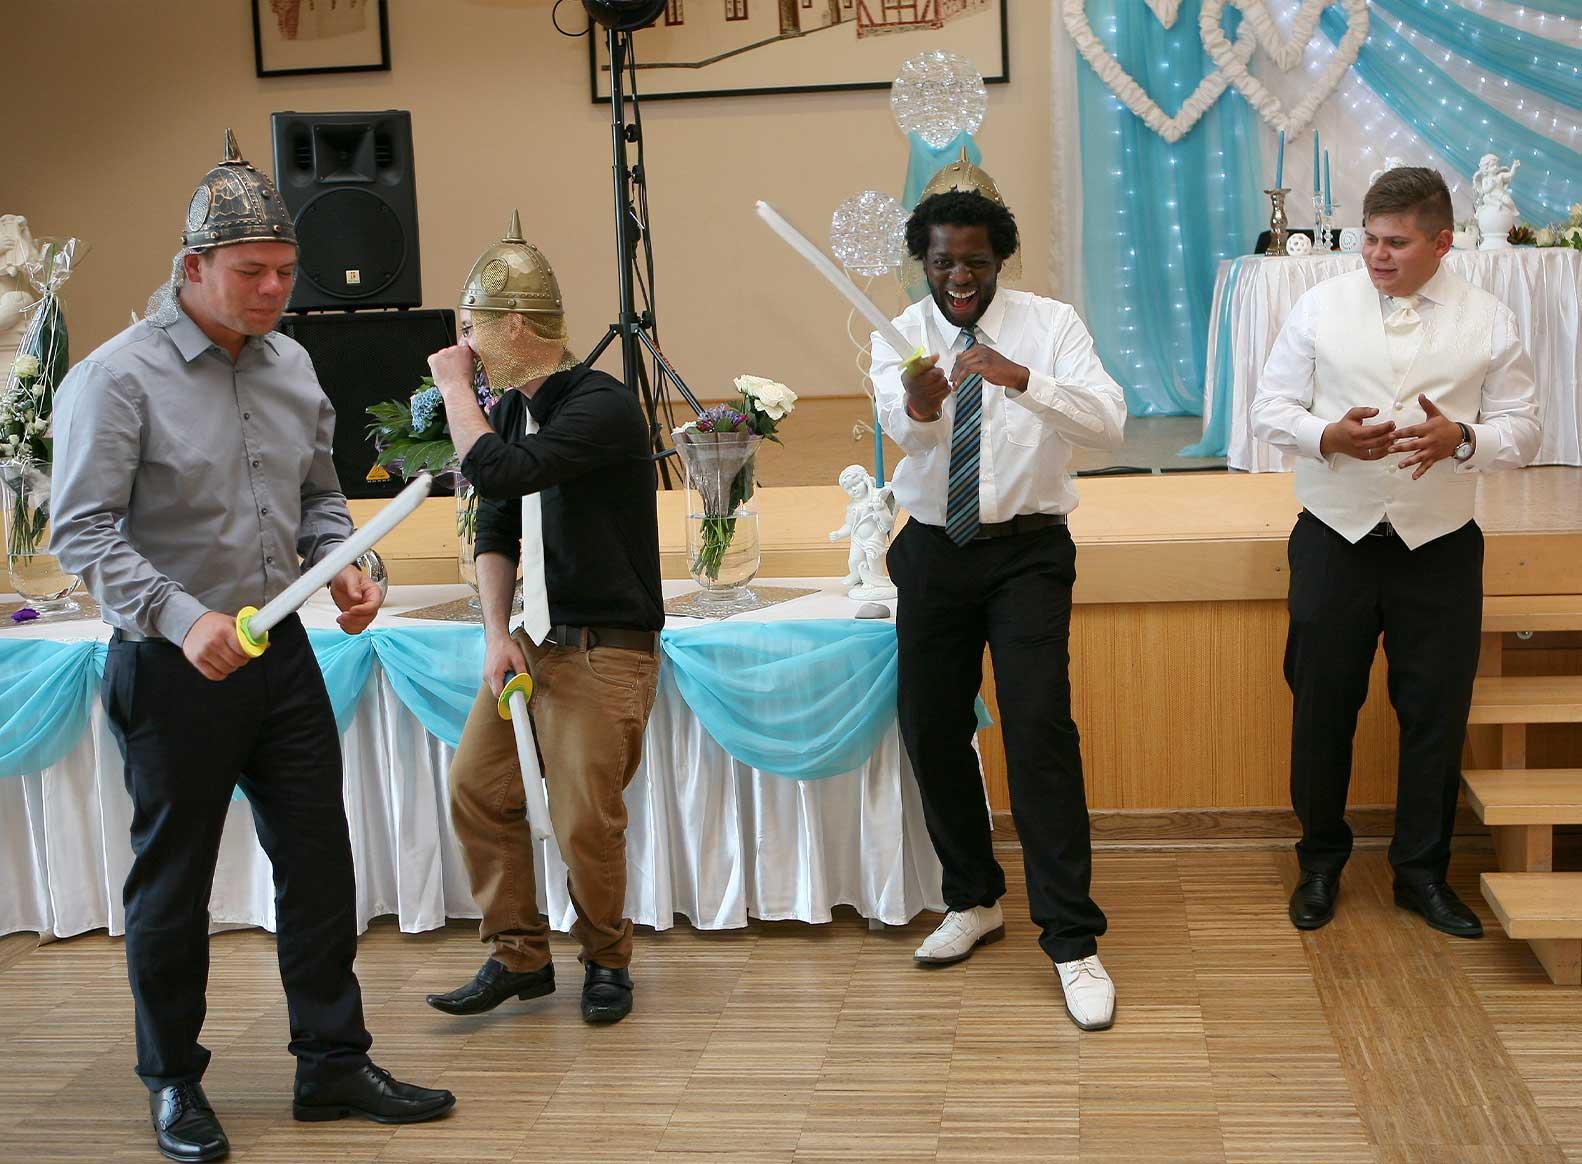 Hochzeitsmoderation Thema: Die Märchenhochzeit